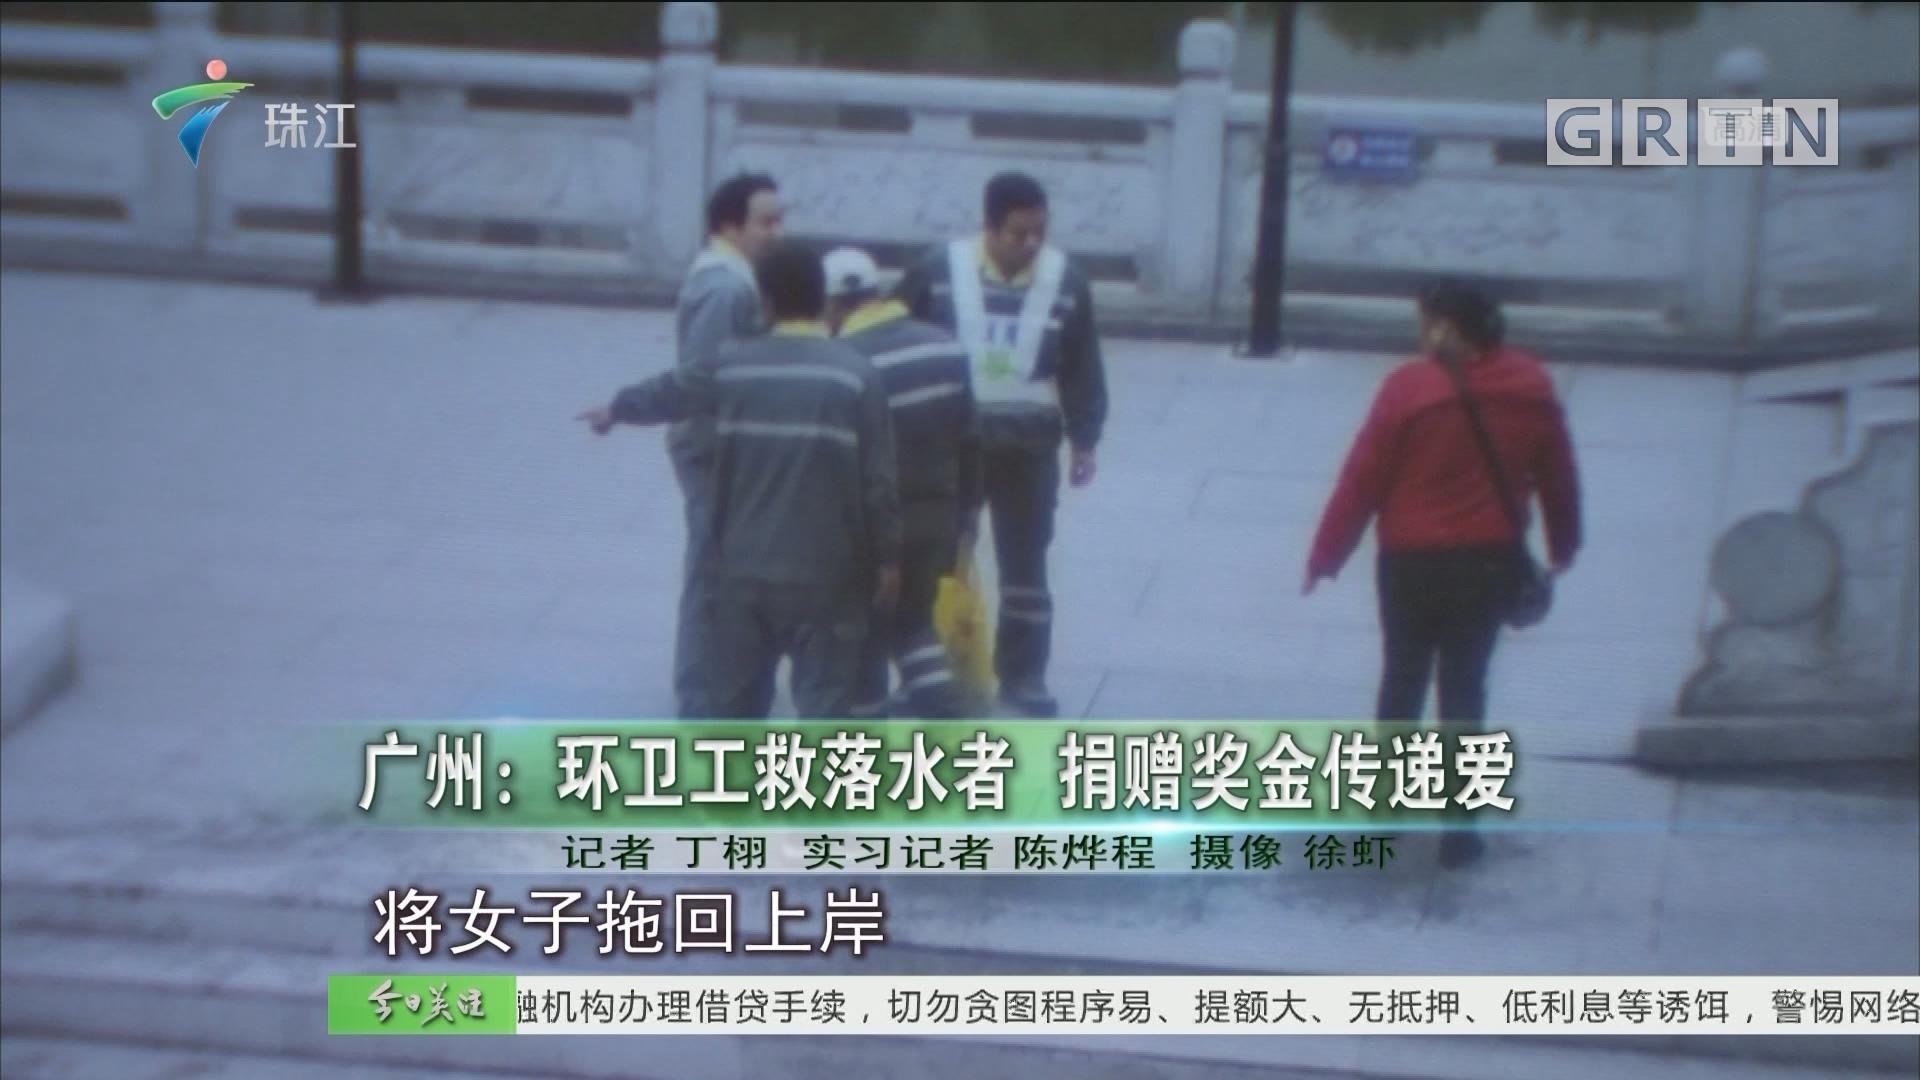 广州:环卫工救落水者 捐赠奖金传递爱